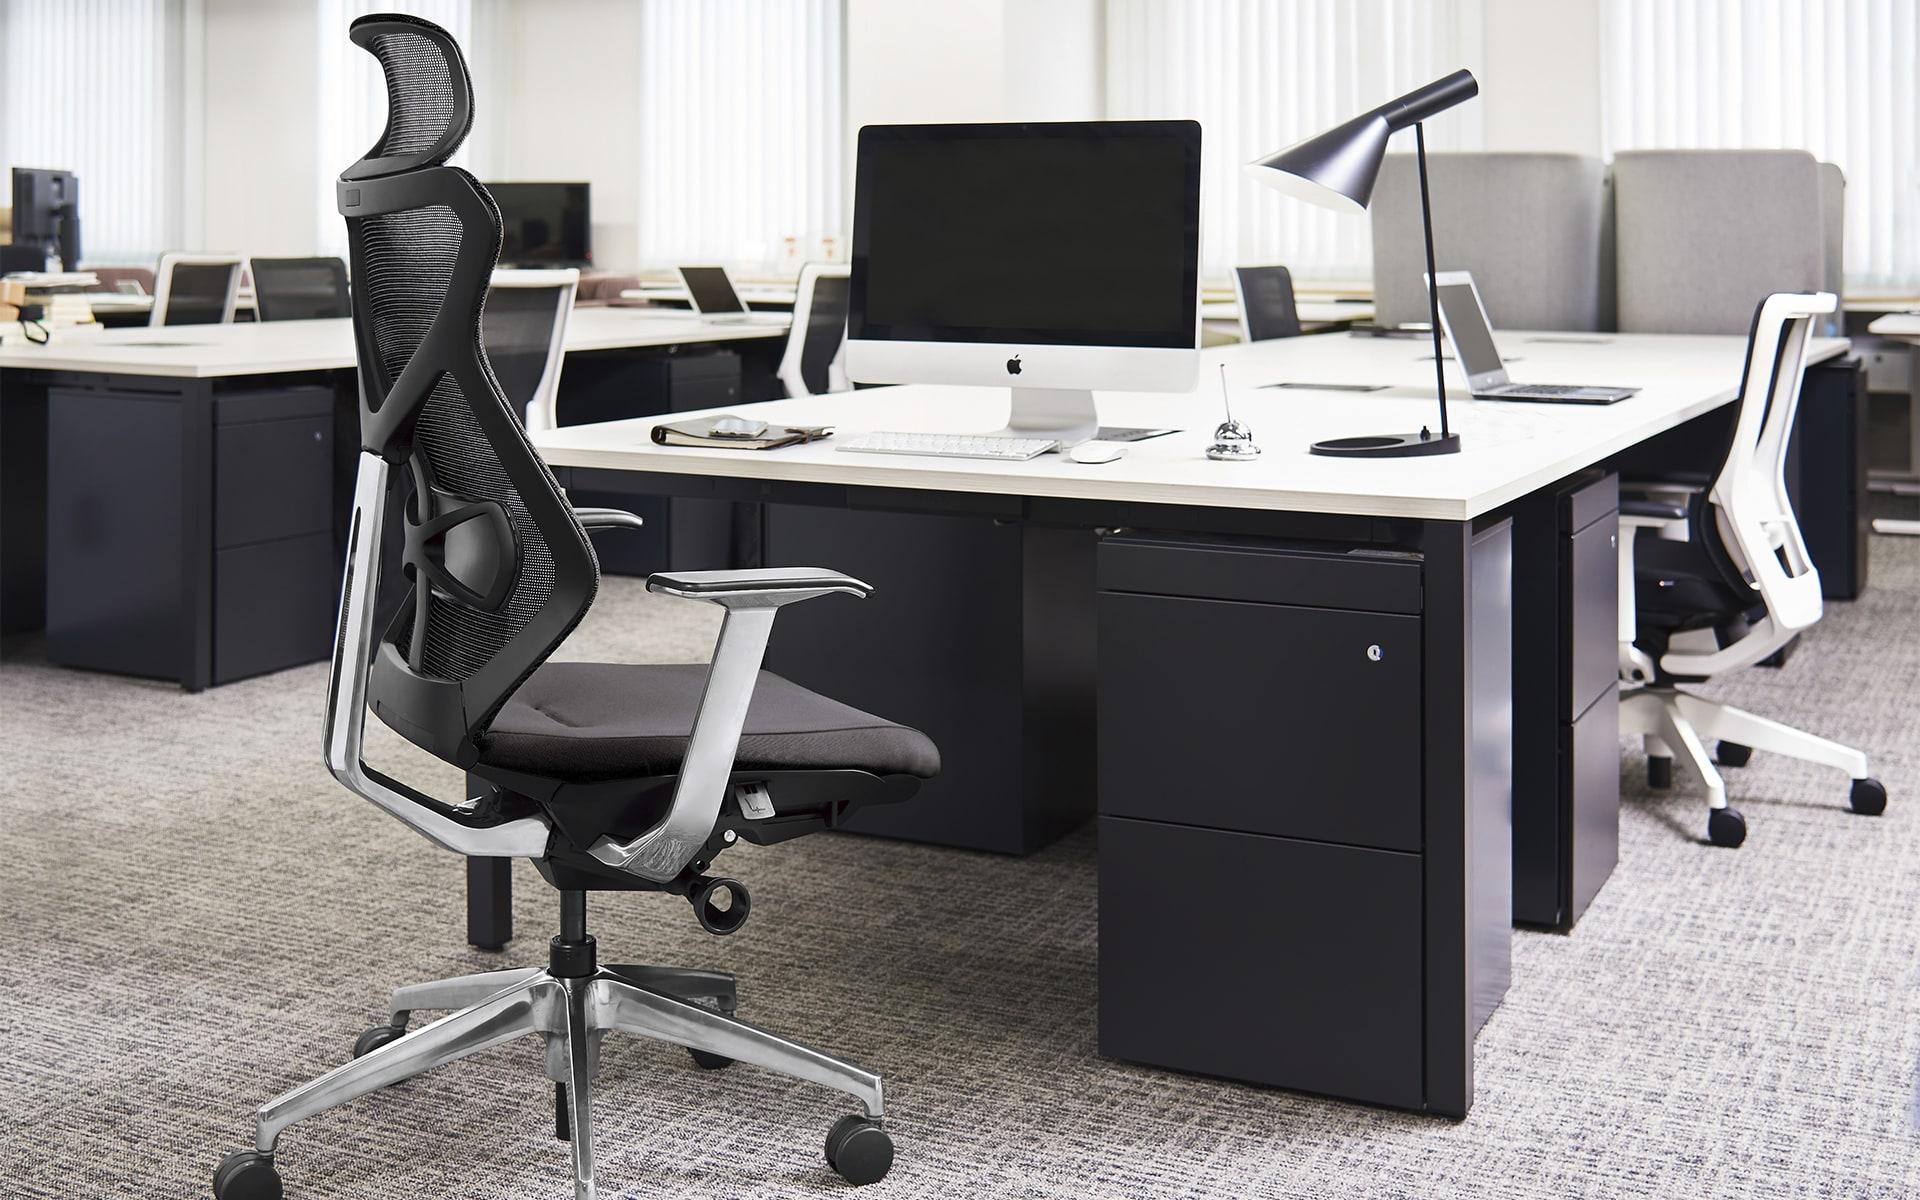 Schwarz-grauer ITOKI Sequa Bürostuhl von ITO Design in schwarz-weissem Büro